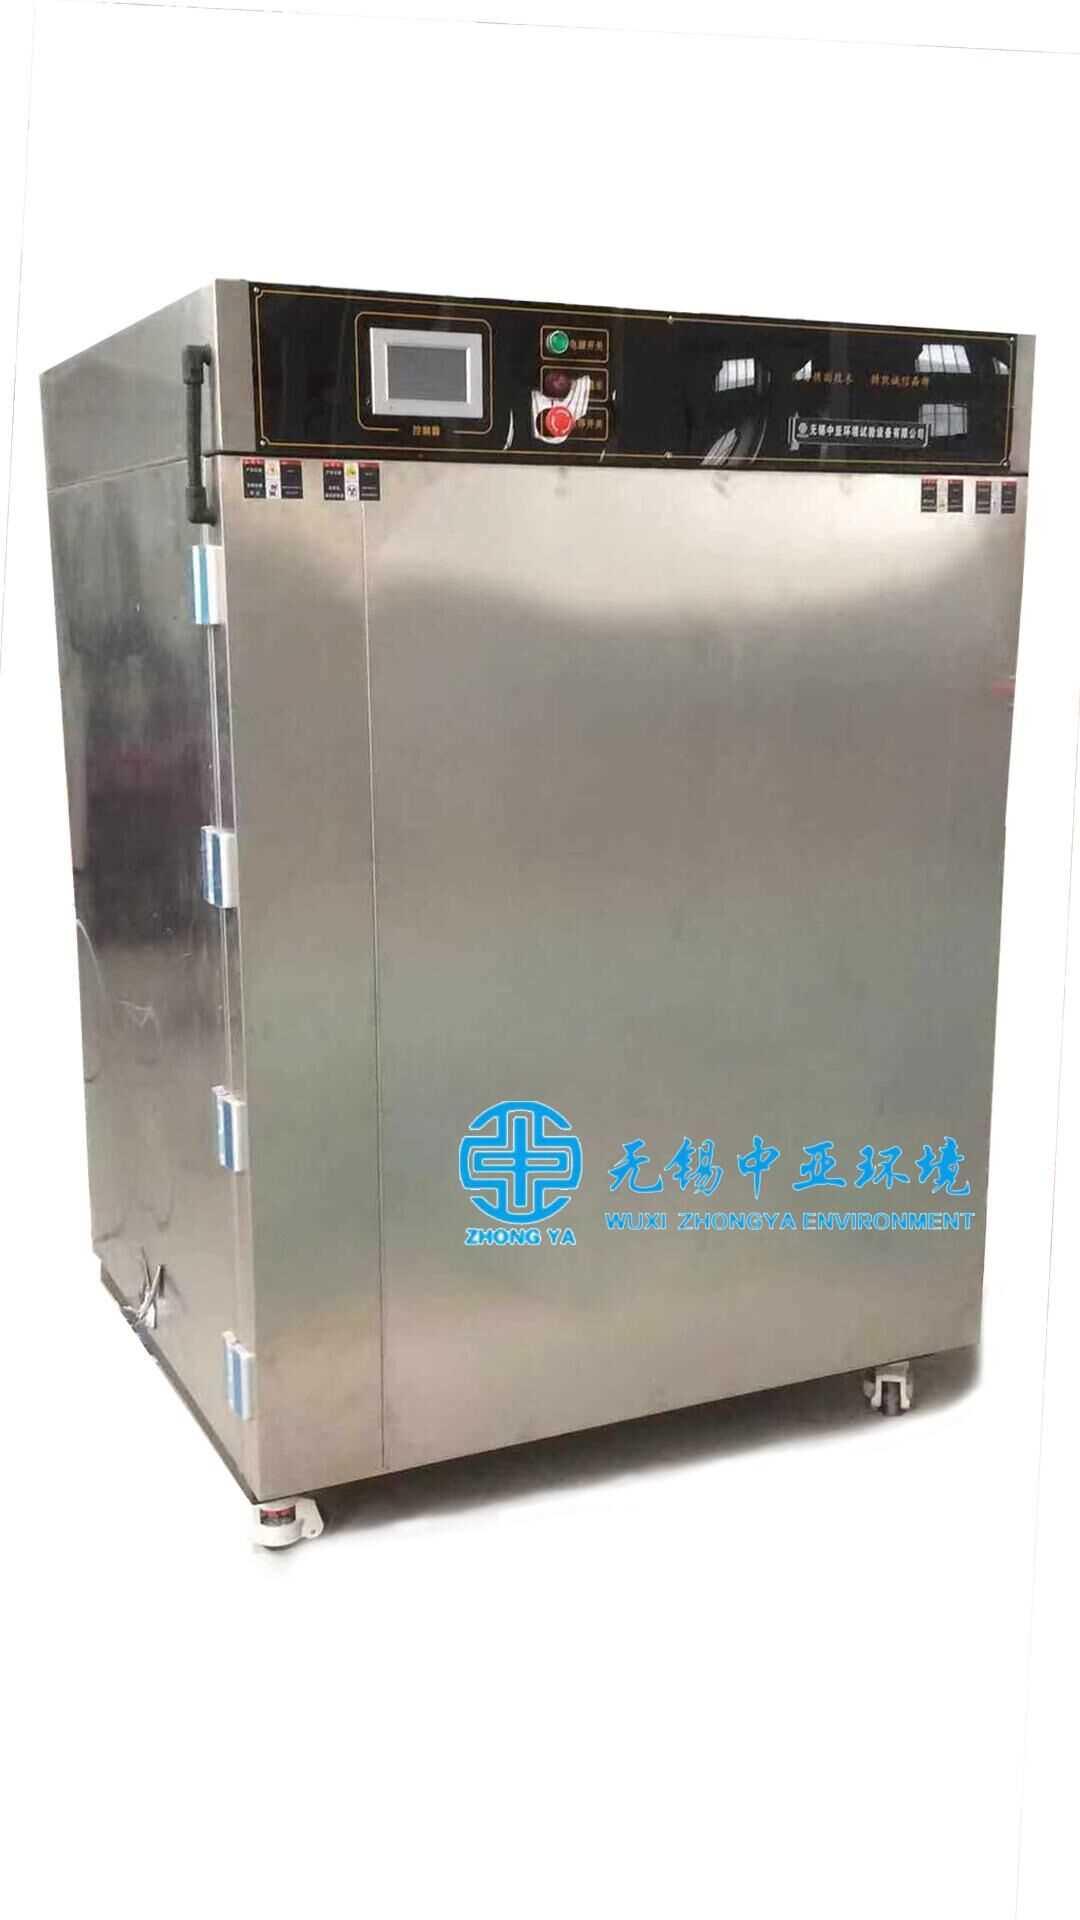 无锡中亚携液氮速冻机和液氮深冷箱入驻阿仪网迎接推广新篇章